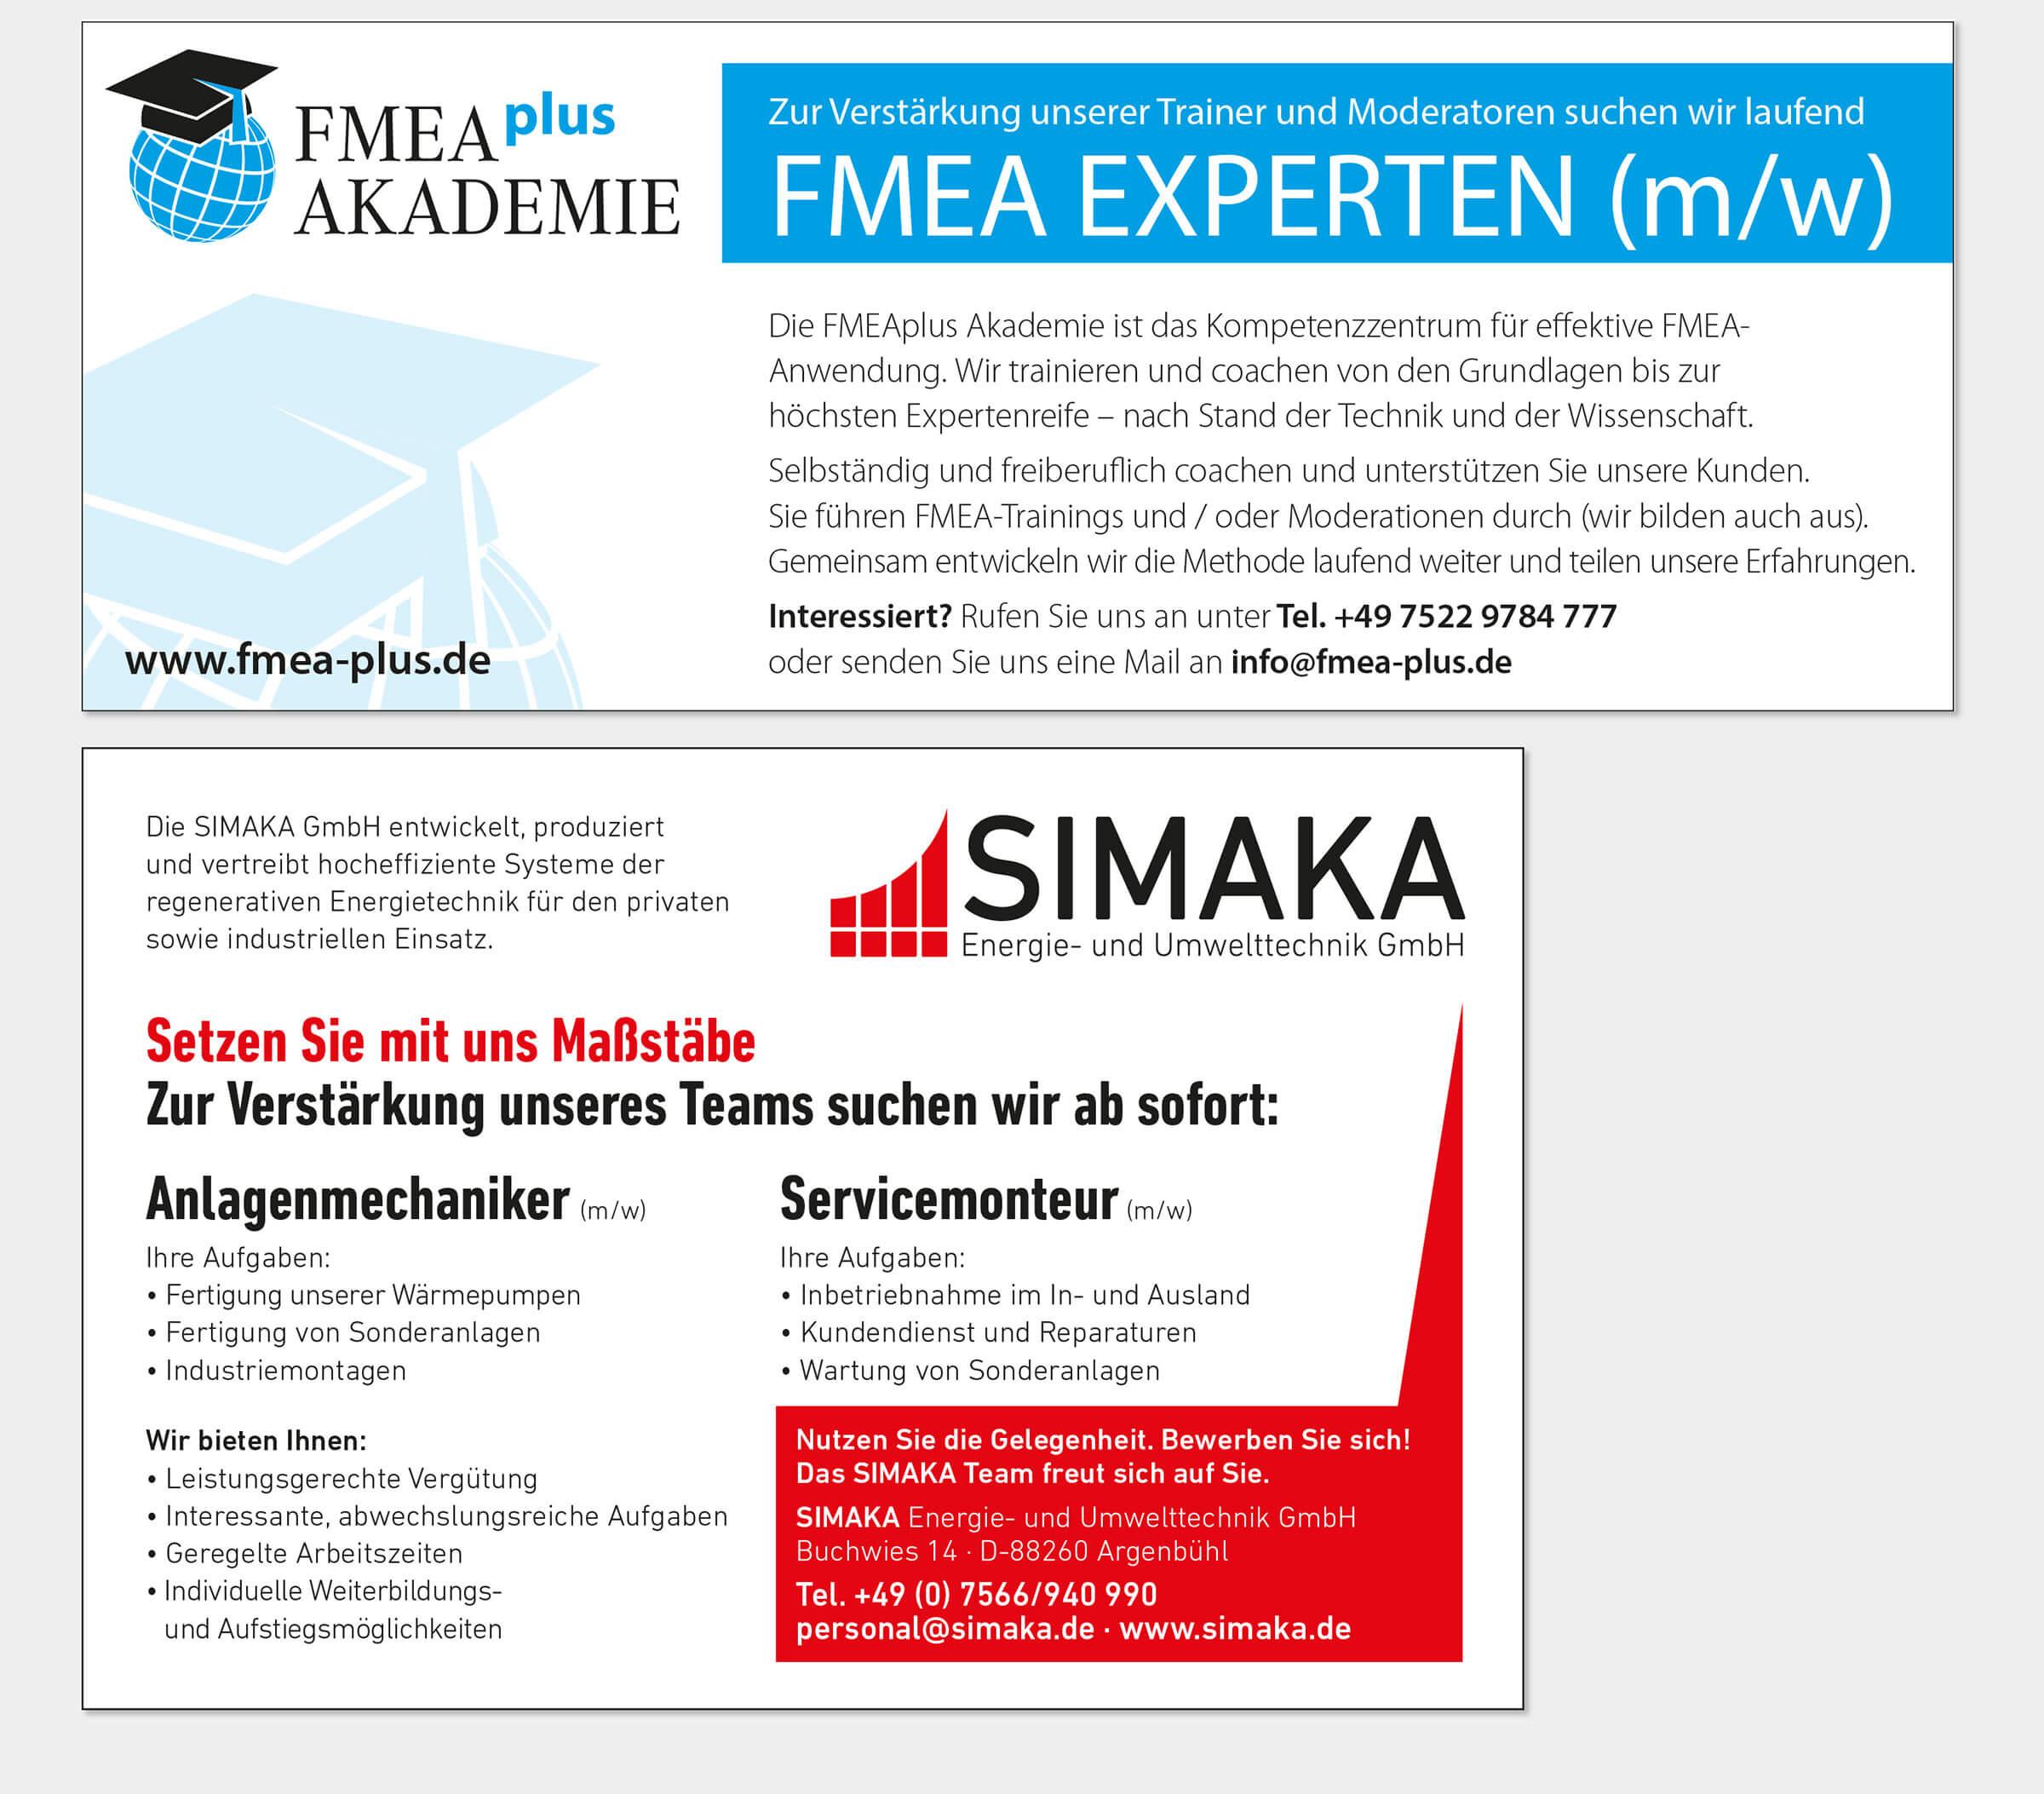 Personalanzeigen FMEAplus und SIMAKA